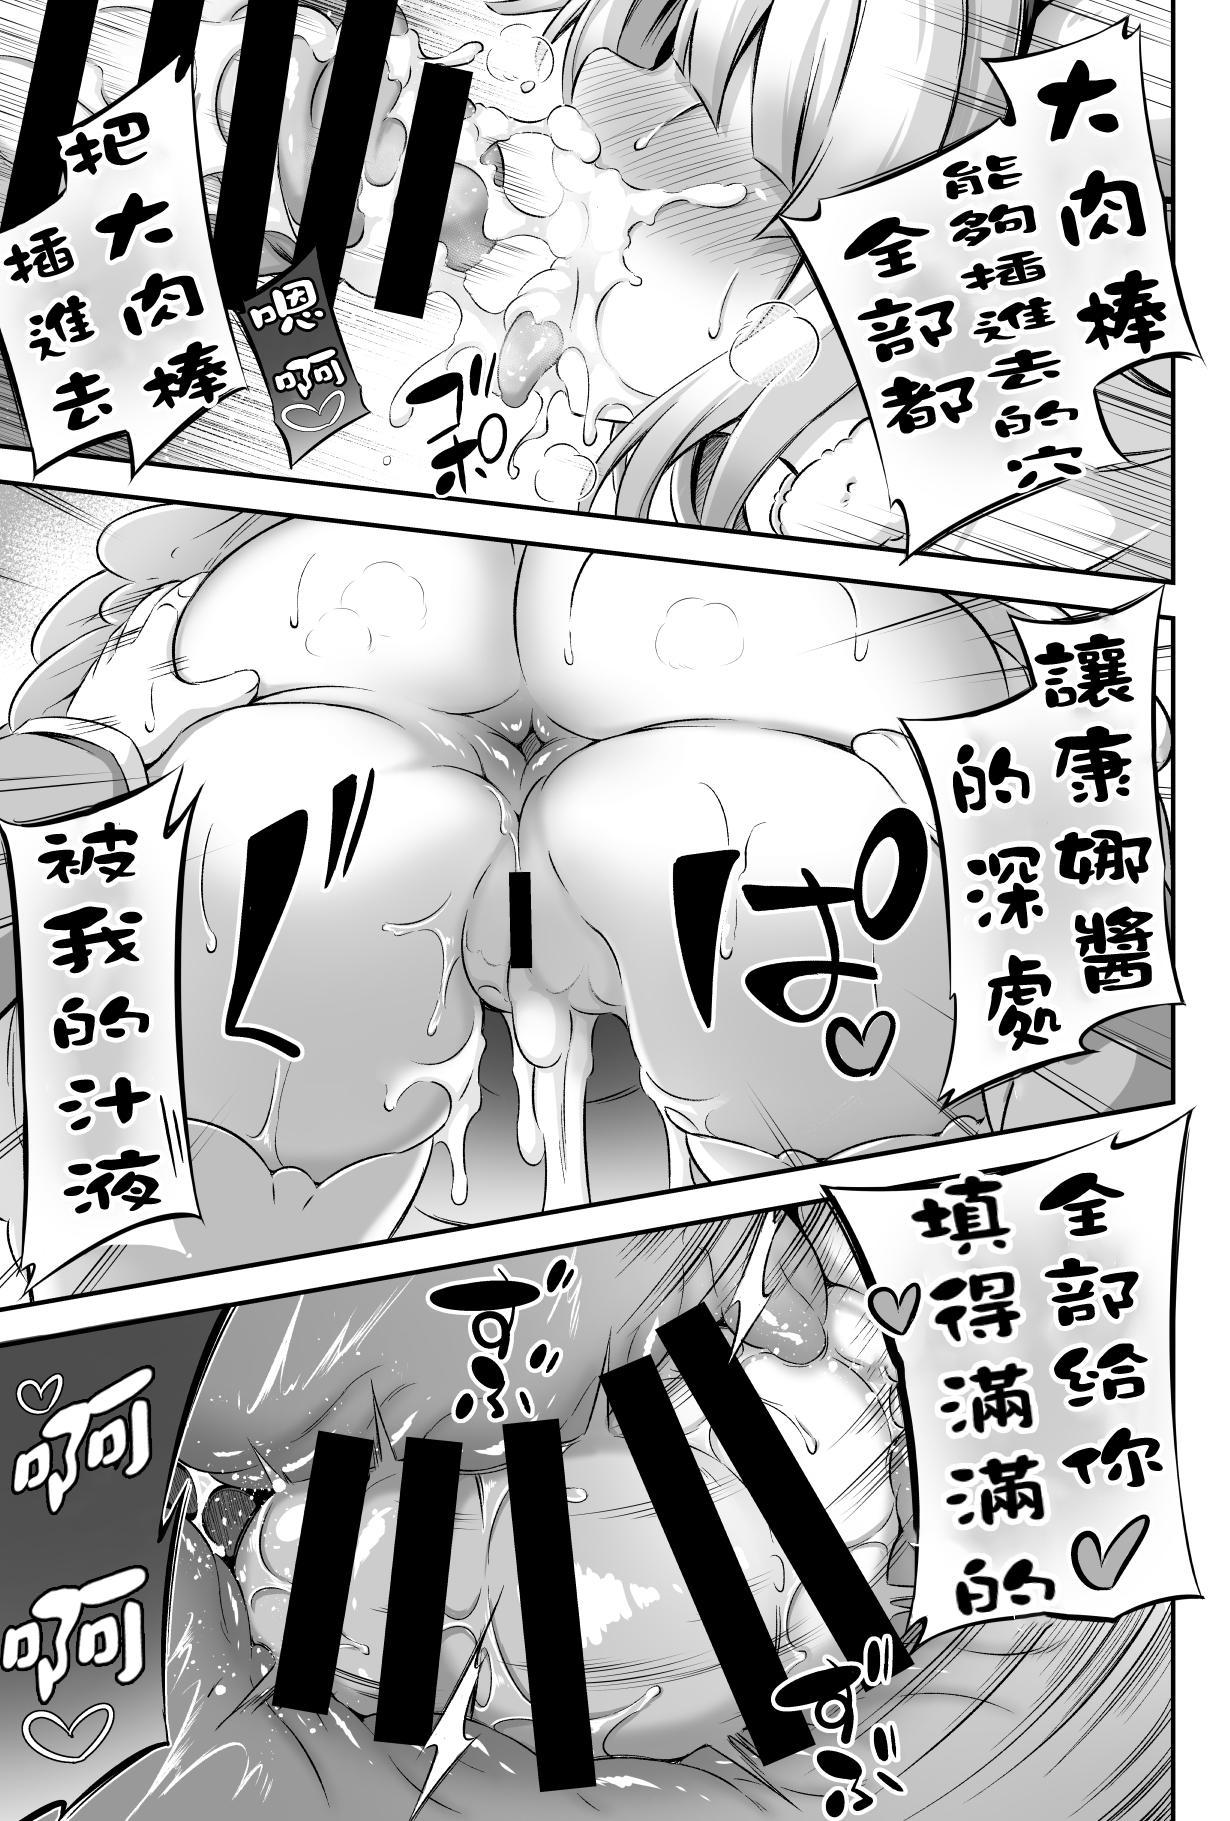 Loli & Futa Vol. 12 22